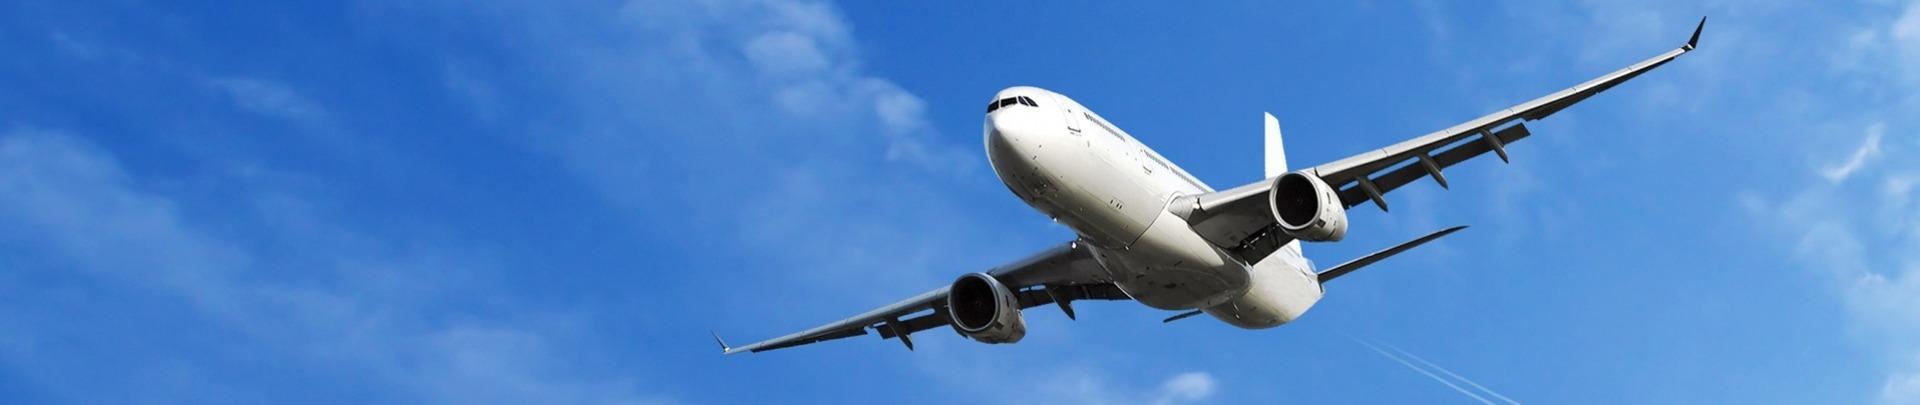 Vliegtuig dat door de lucht scheert